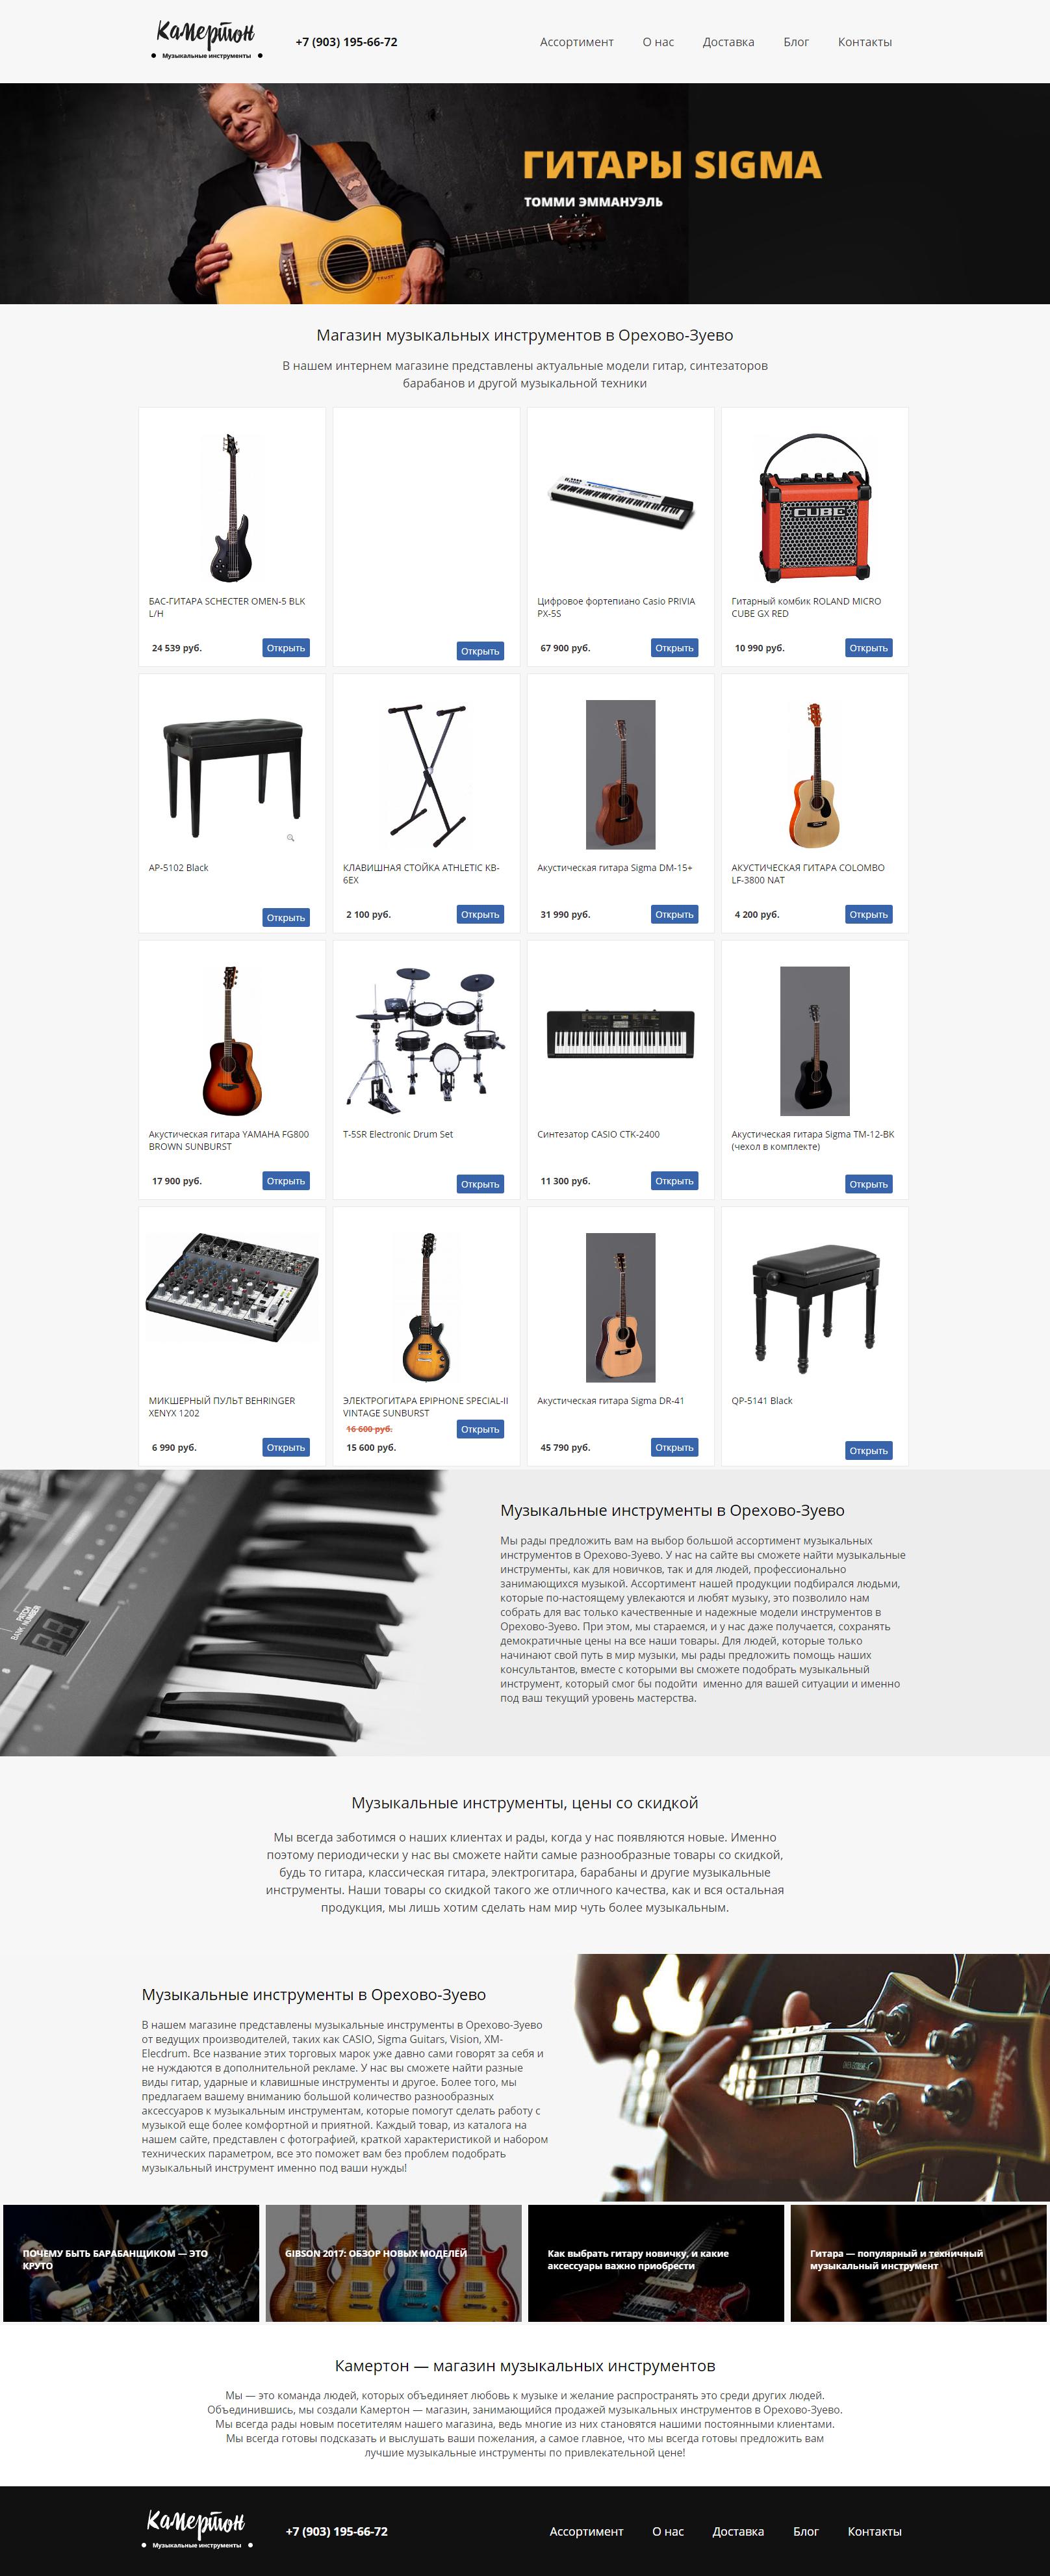 Макет сайта Магазин музыкальных инструментов 1